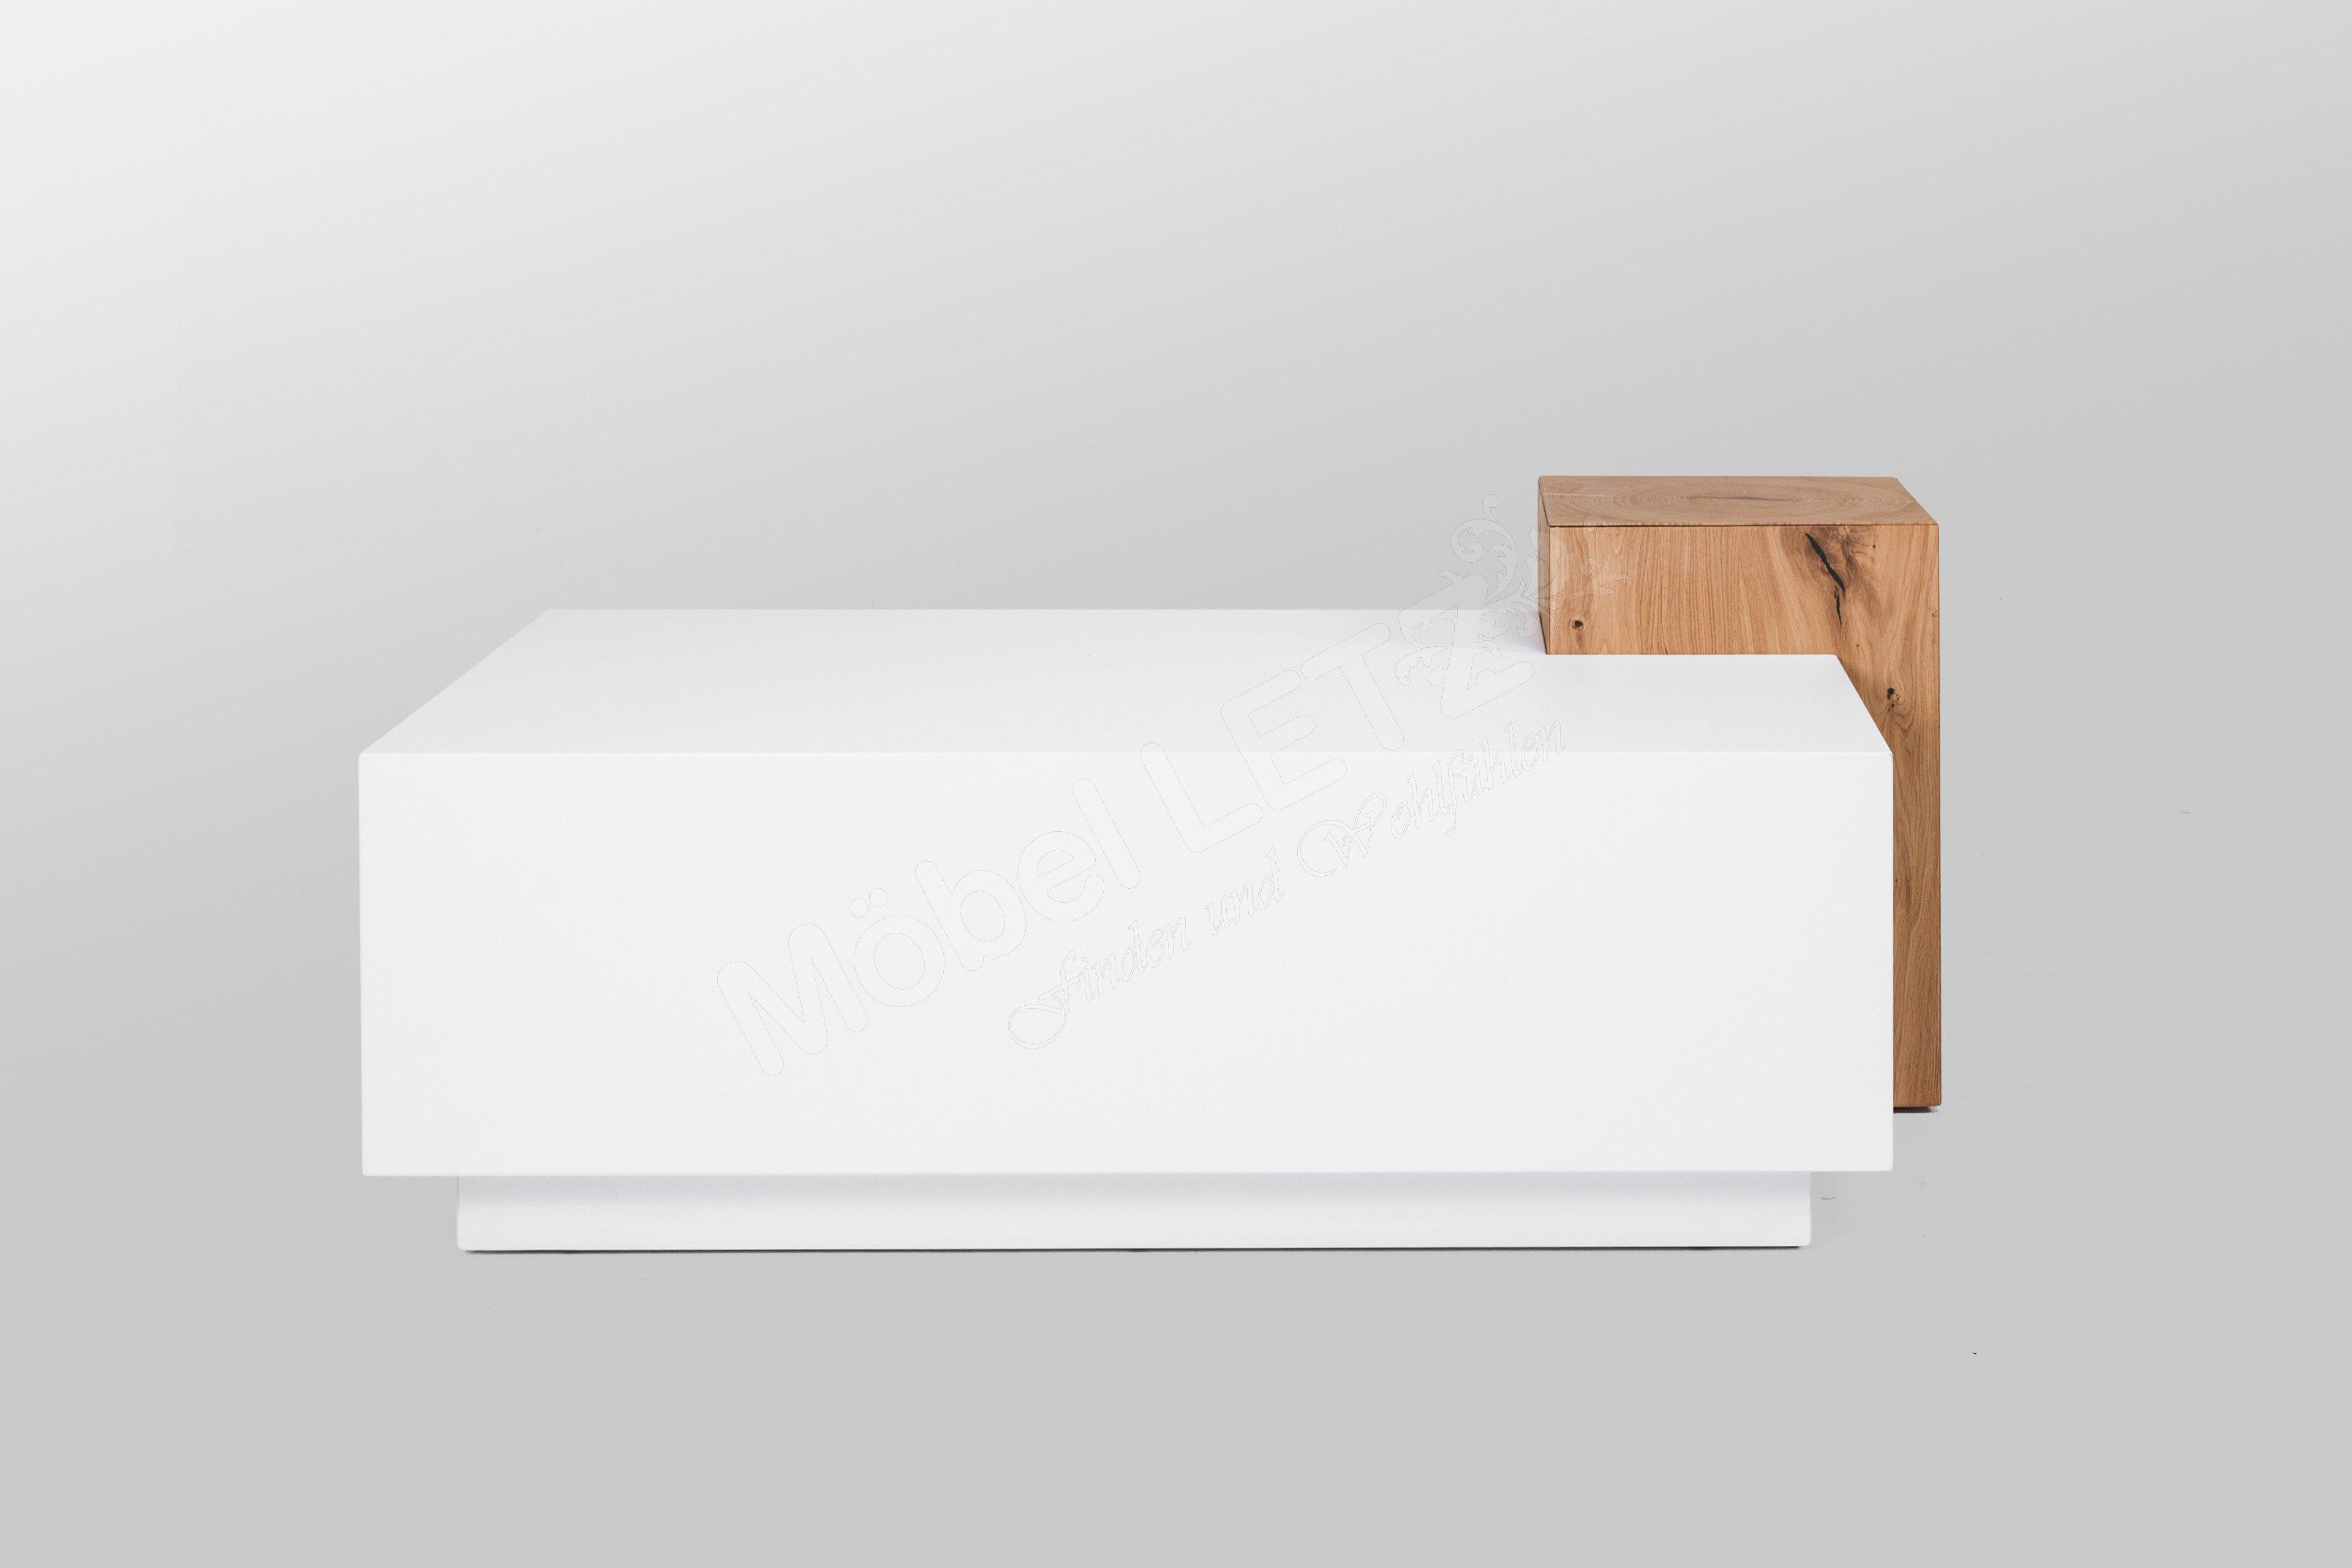 w stmann couchtisch nw 440 bianco bohleneiche m bel letz ihr online shop. Black Bedroom Furniture Sets. Home Design Ideas